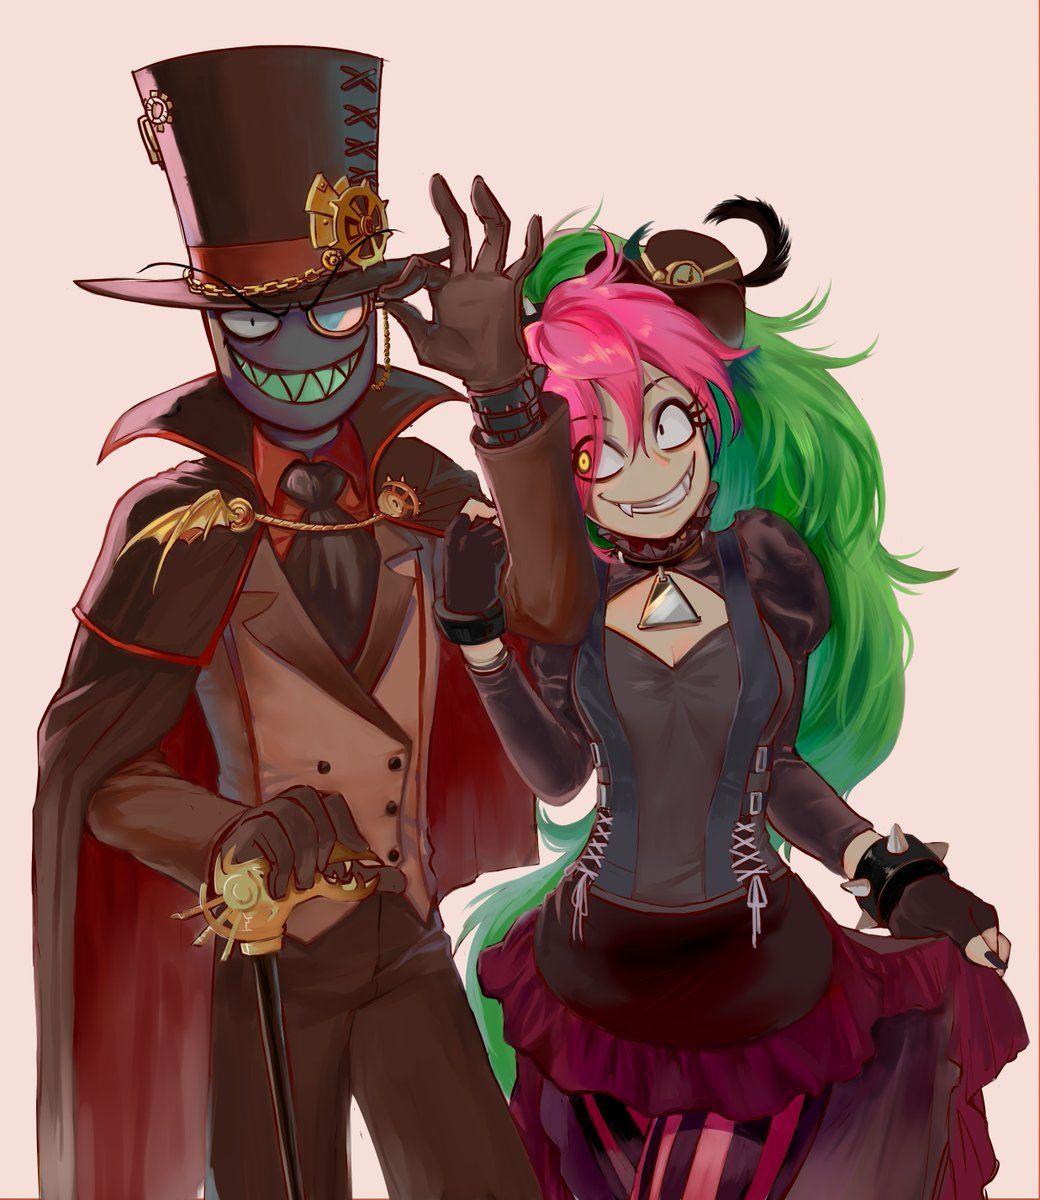 BH & Demencia | Villainous | Steampunk characters, Cartoon ... - photo#30